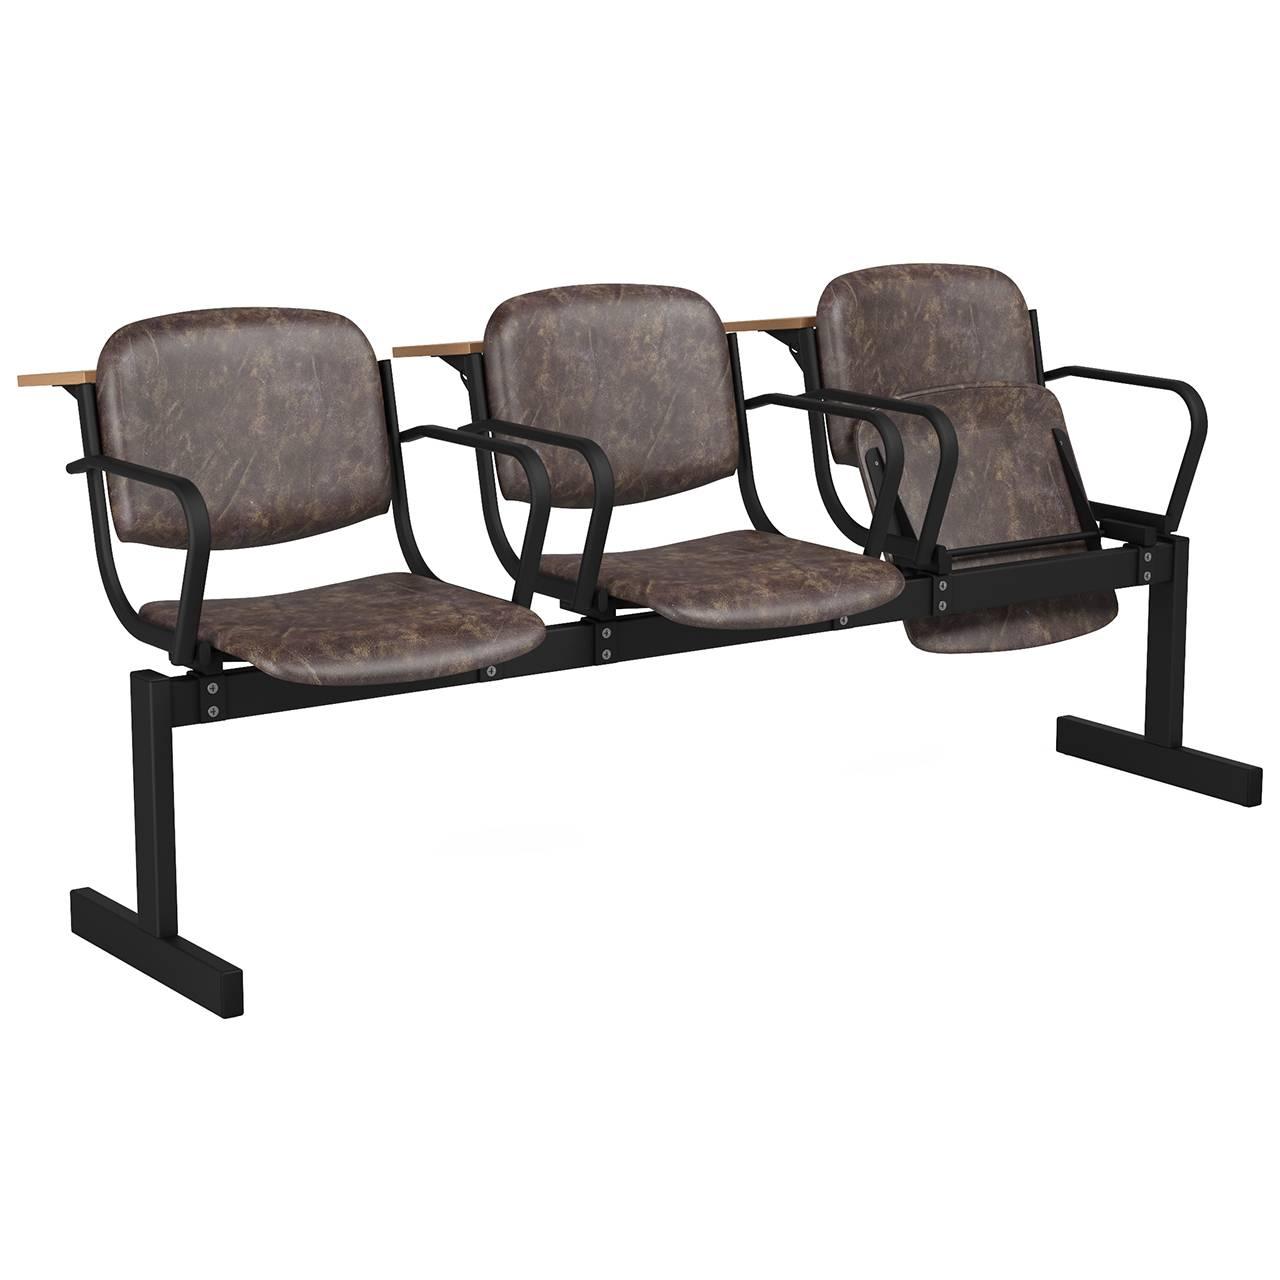 3-местный, откидывающиеся сиденья, мягкий, подлокотники, лекционный черный коричневый Кожзаменитель